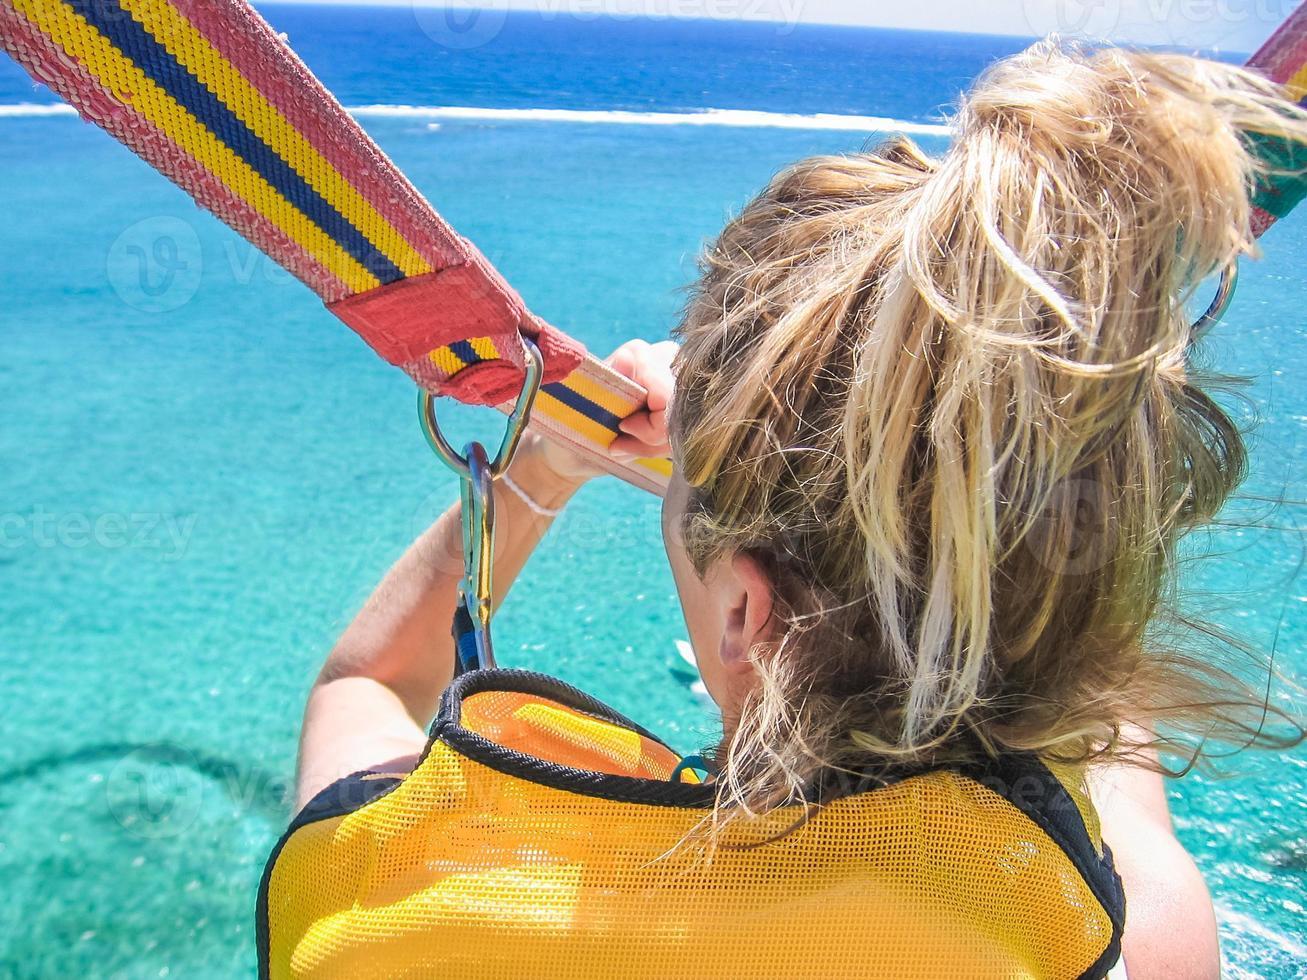 Woman parasailing photo